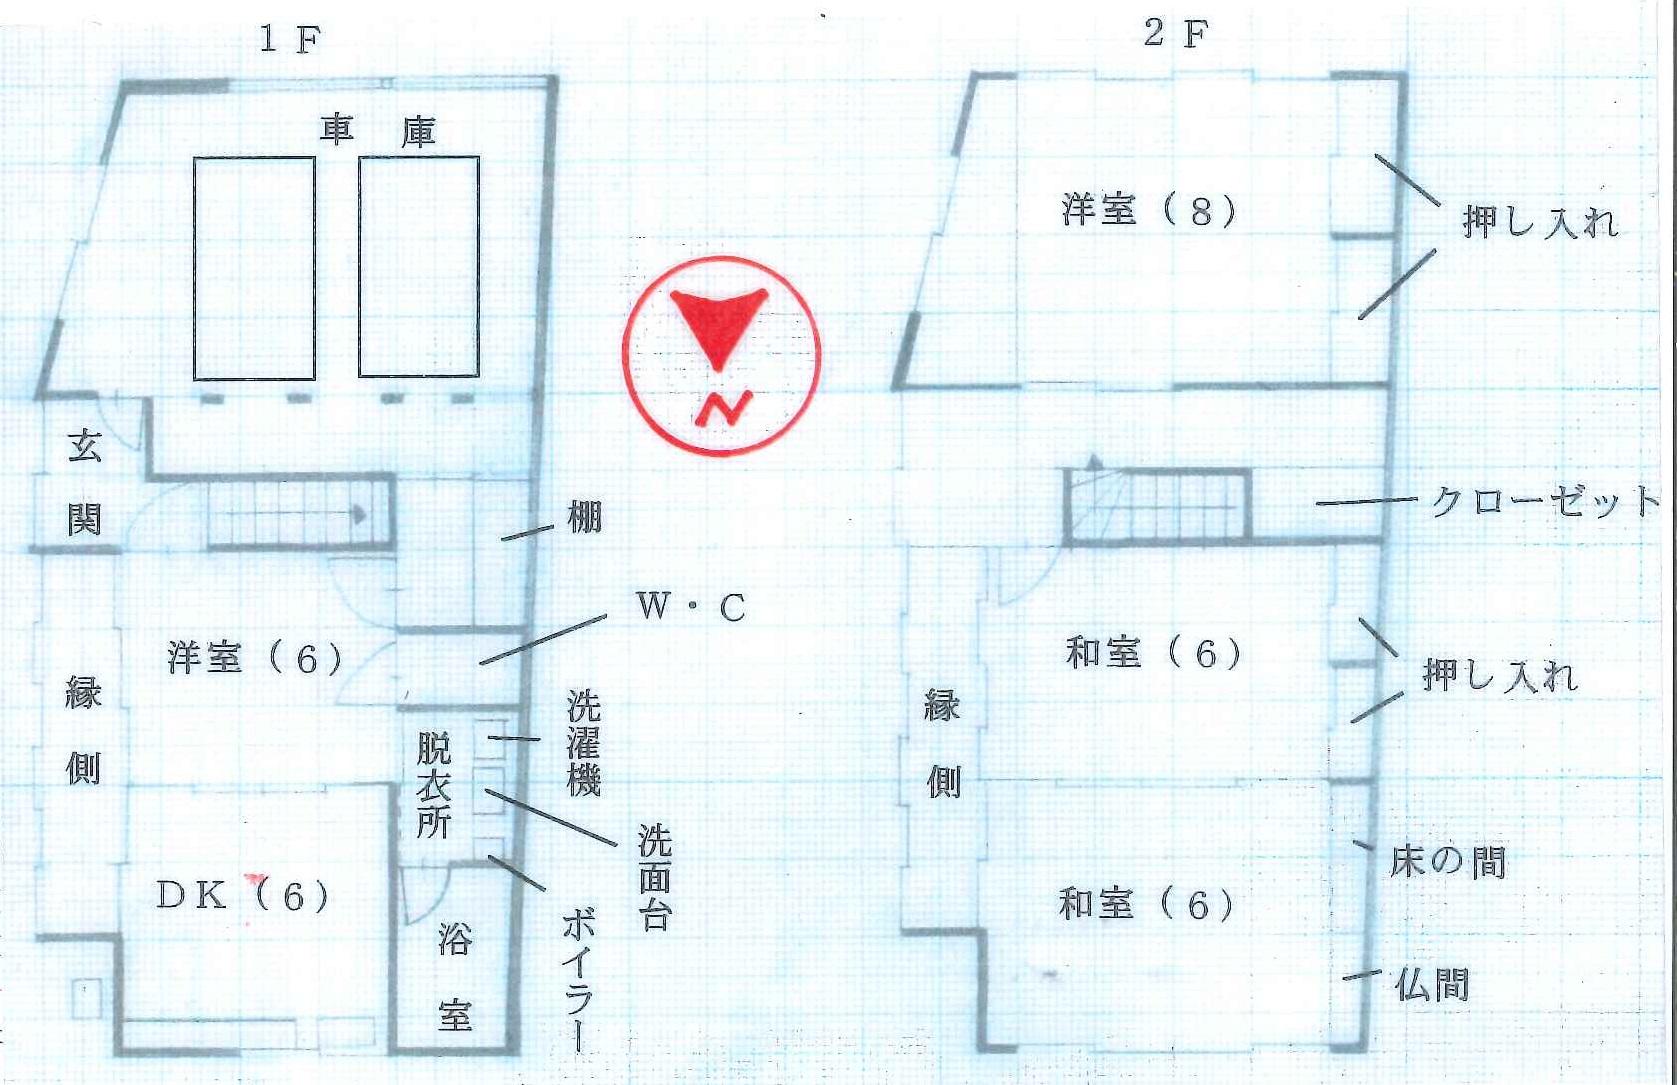 20200321153331132_0001鍛冶町7-6平面図